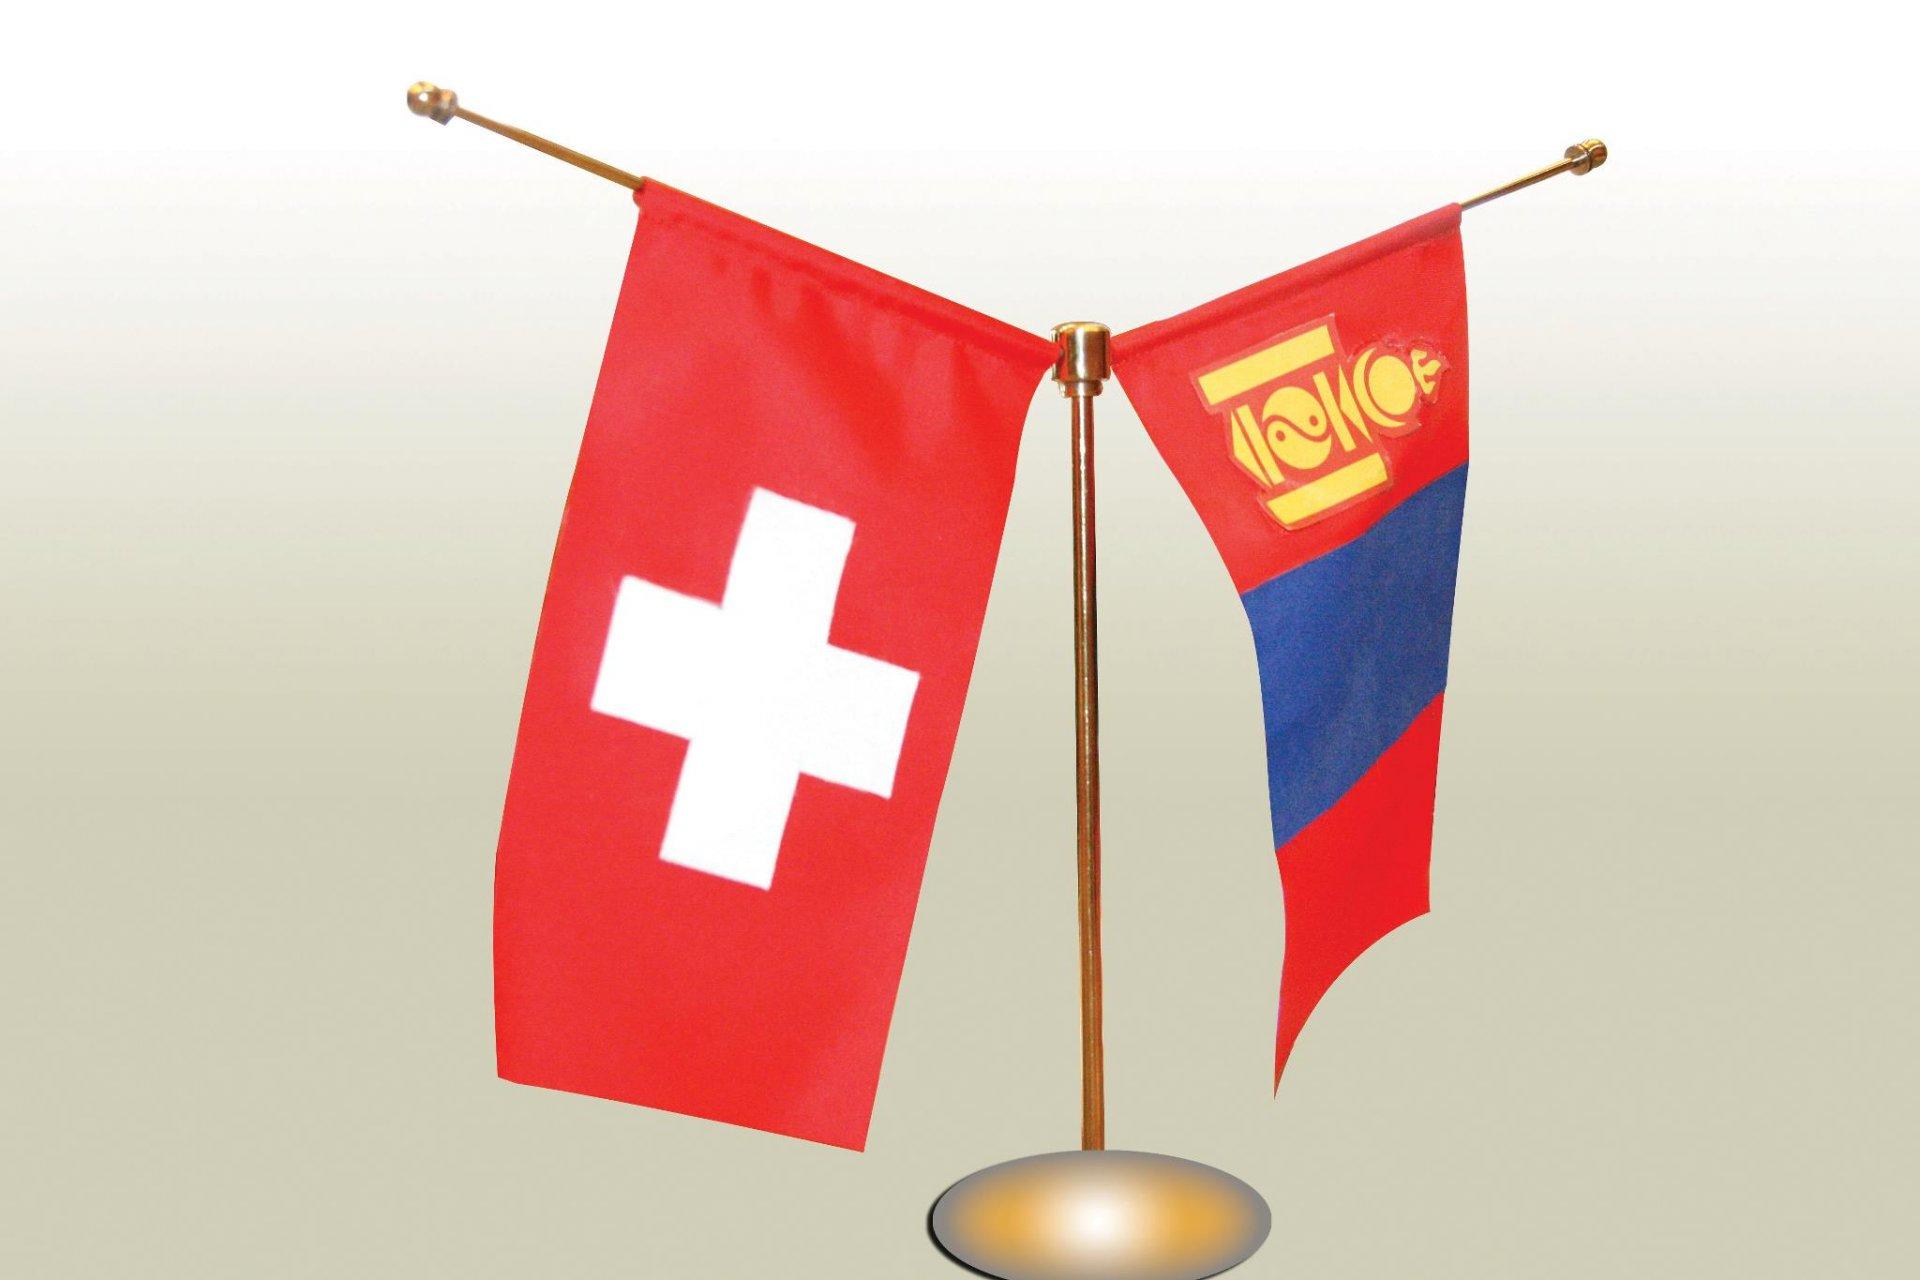 Швейцарын хөгжлийн агентлаг ХБНГУ-ын ЭСЯ, ПИН-тэй хамтран 2,948 өрхөд 100 мянган төгрөгийн ваучер олгоно